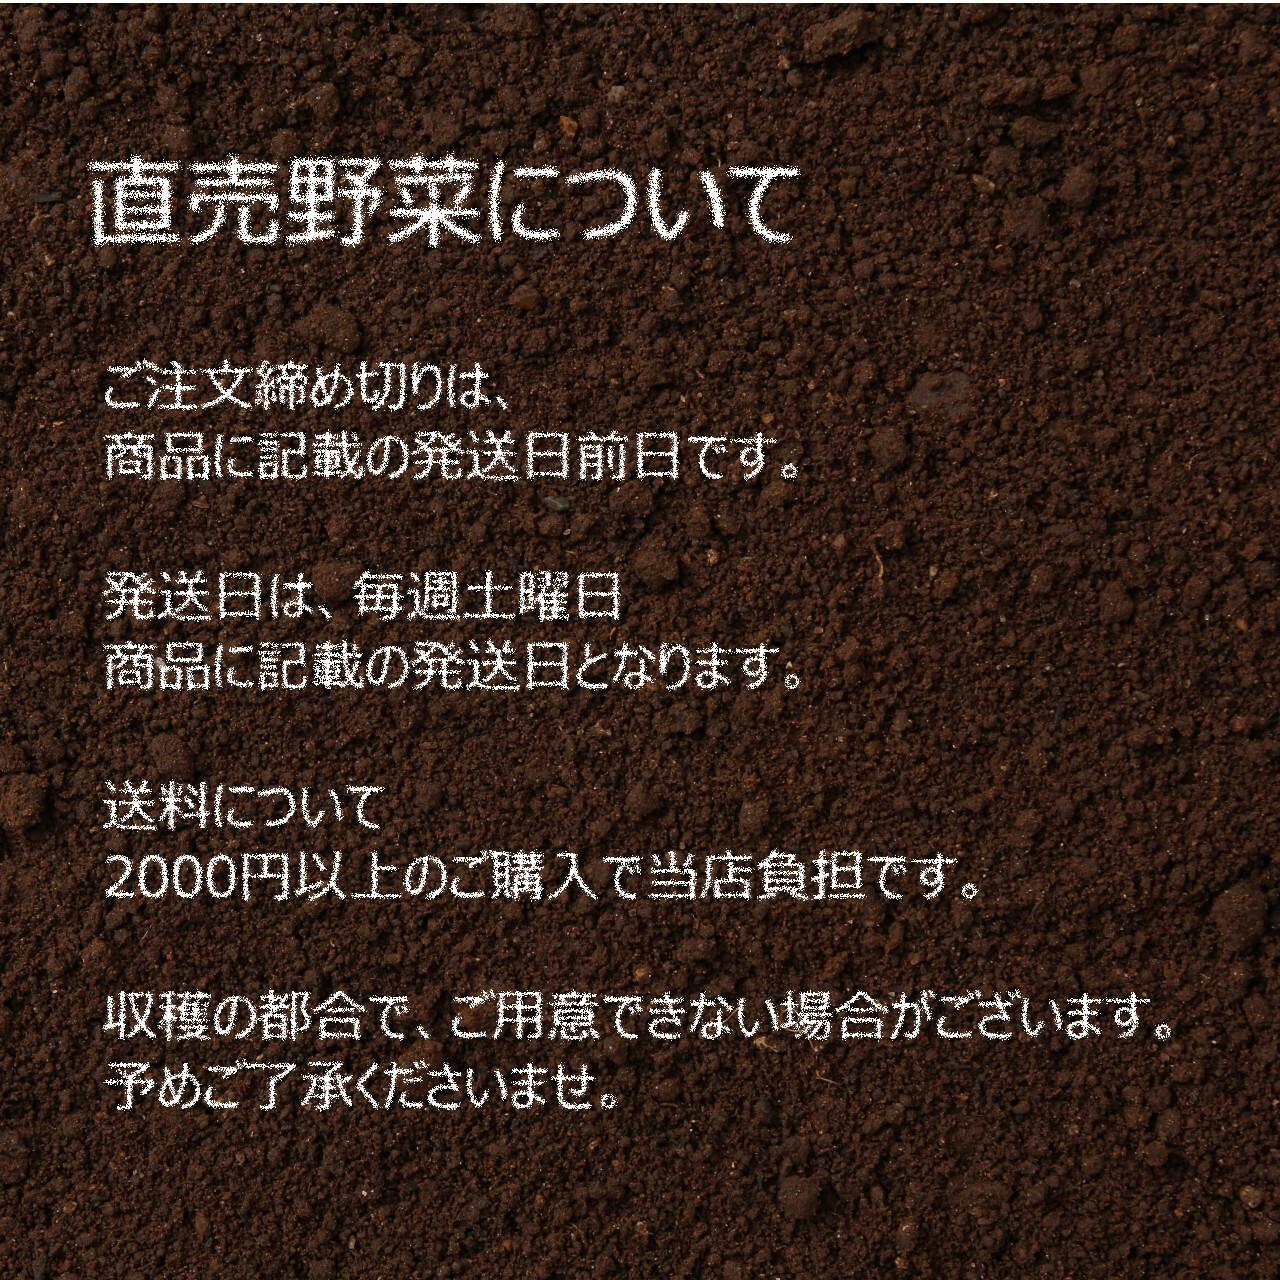 新鮮な冬野菜 : ネギ 3~4本 11月の朝採り直売野菜 11月28日発送予定